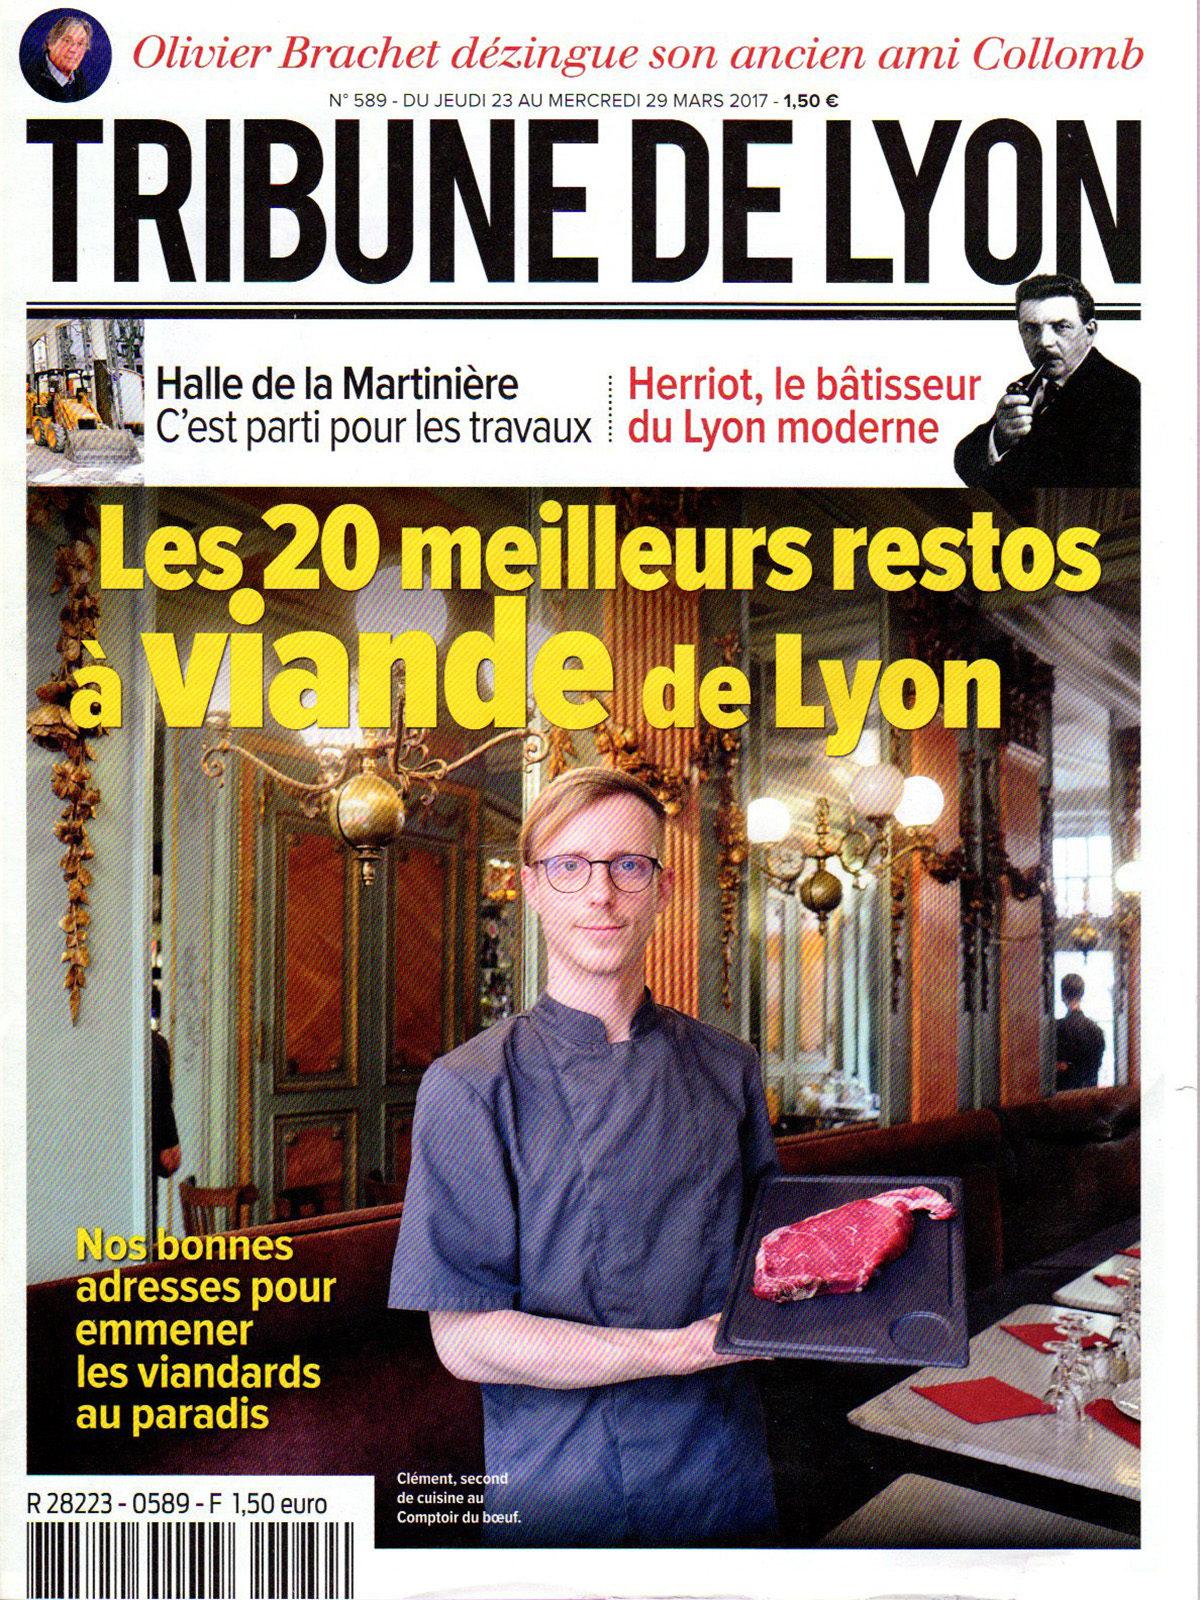 Parution presse Tribune de Lyon 2017 Claude Cartier décoration architecte d'intérieur à Lyon.